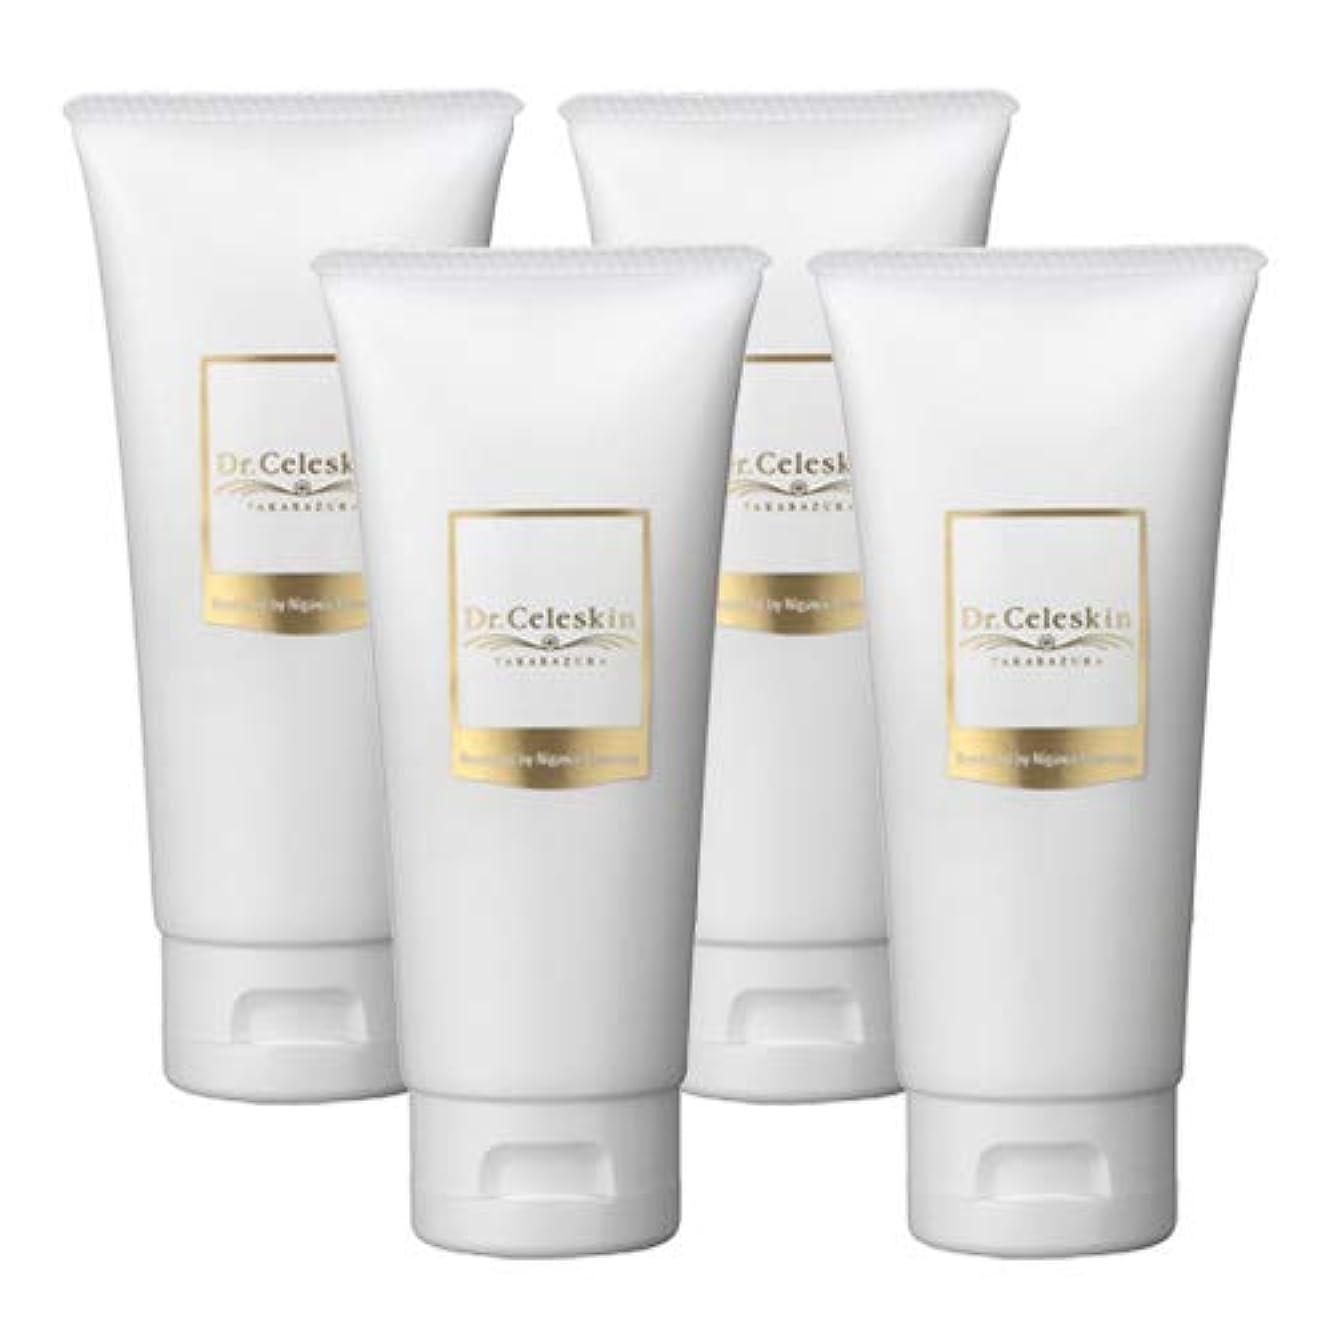 マトロン香ばしいうんざり洗顔フォームS(ビタミンC誘導体VCIP(抗酸化剤)配合) 100g (4本)